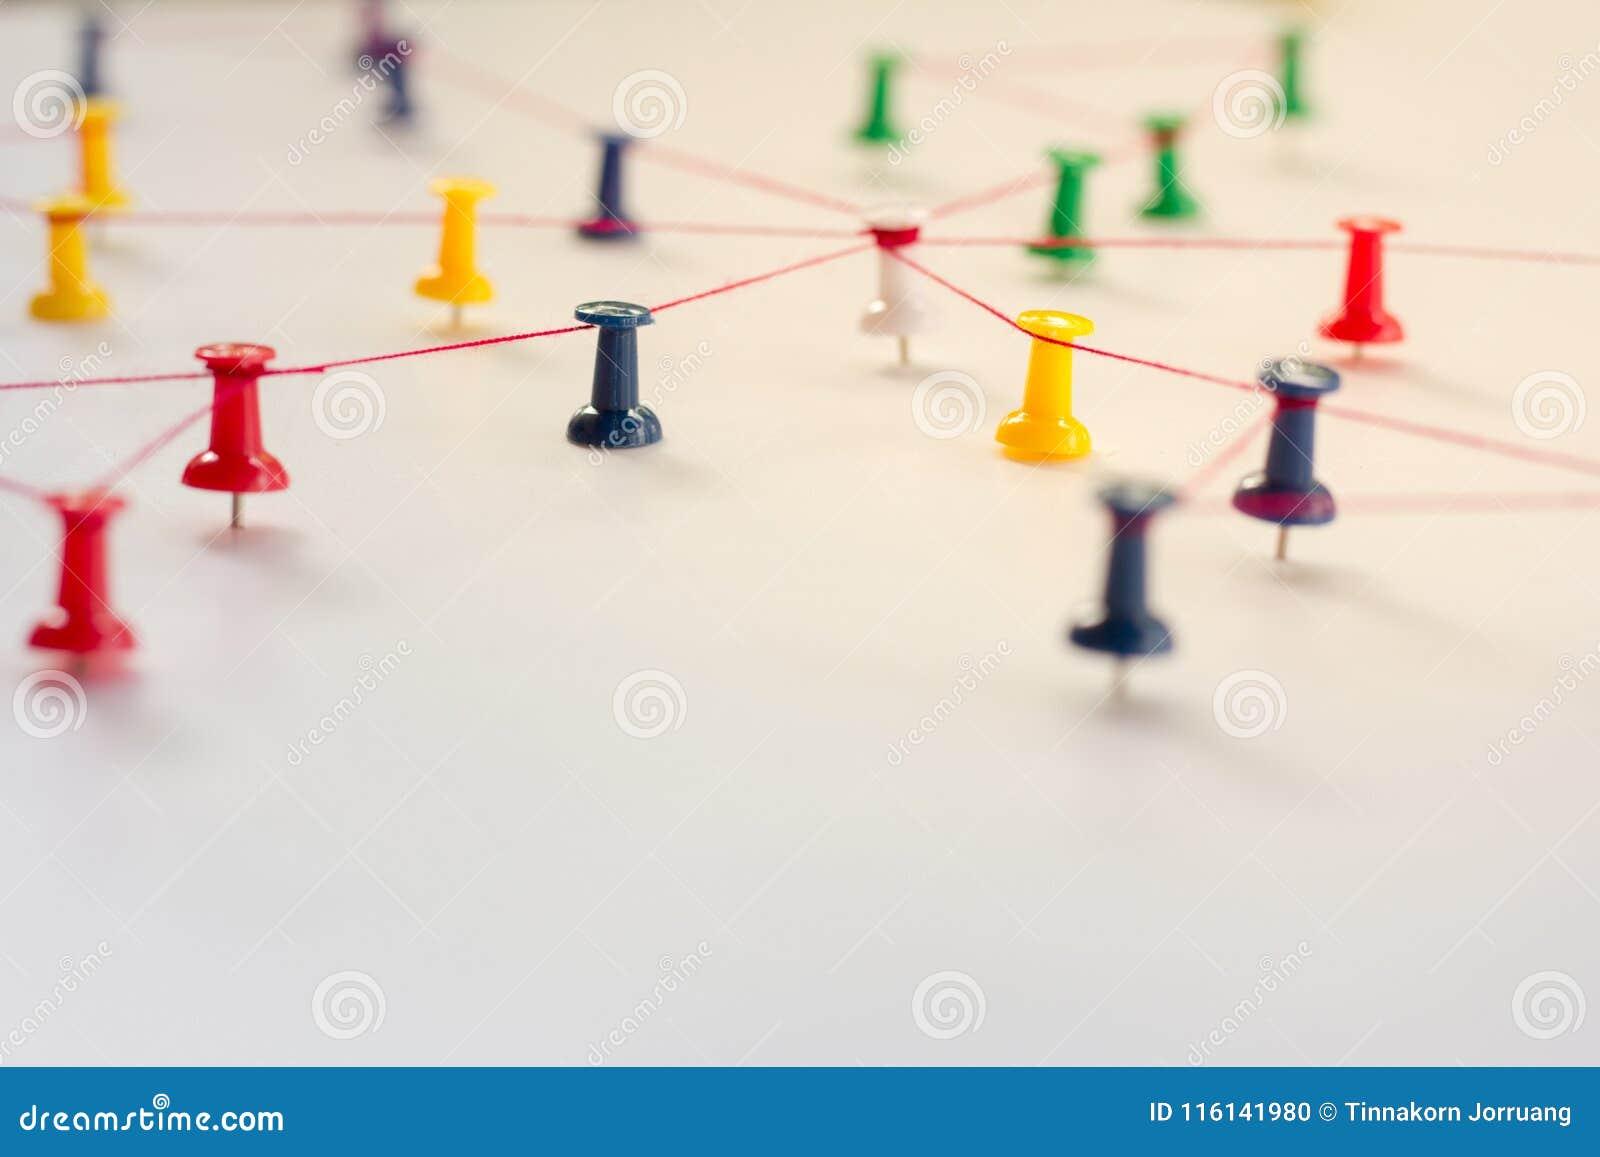 Liant des entités, simulation de réseau, media social,